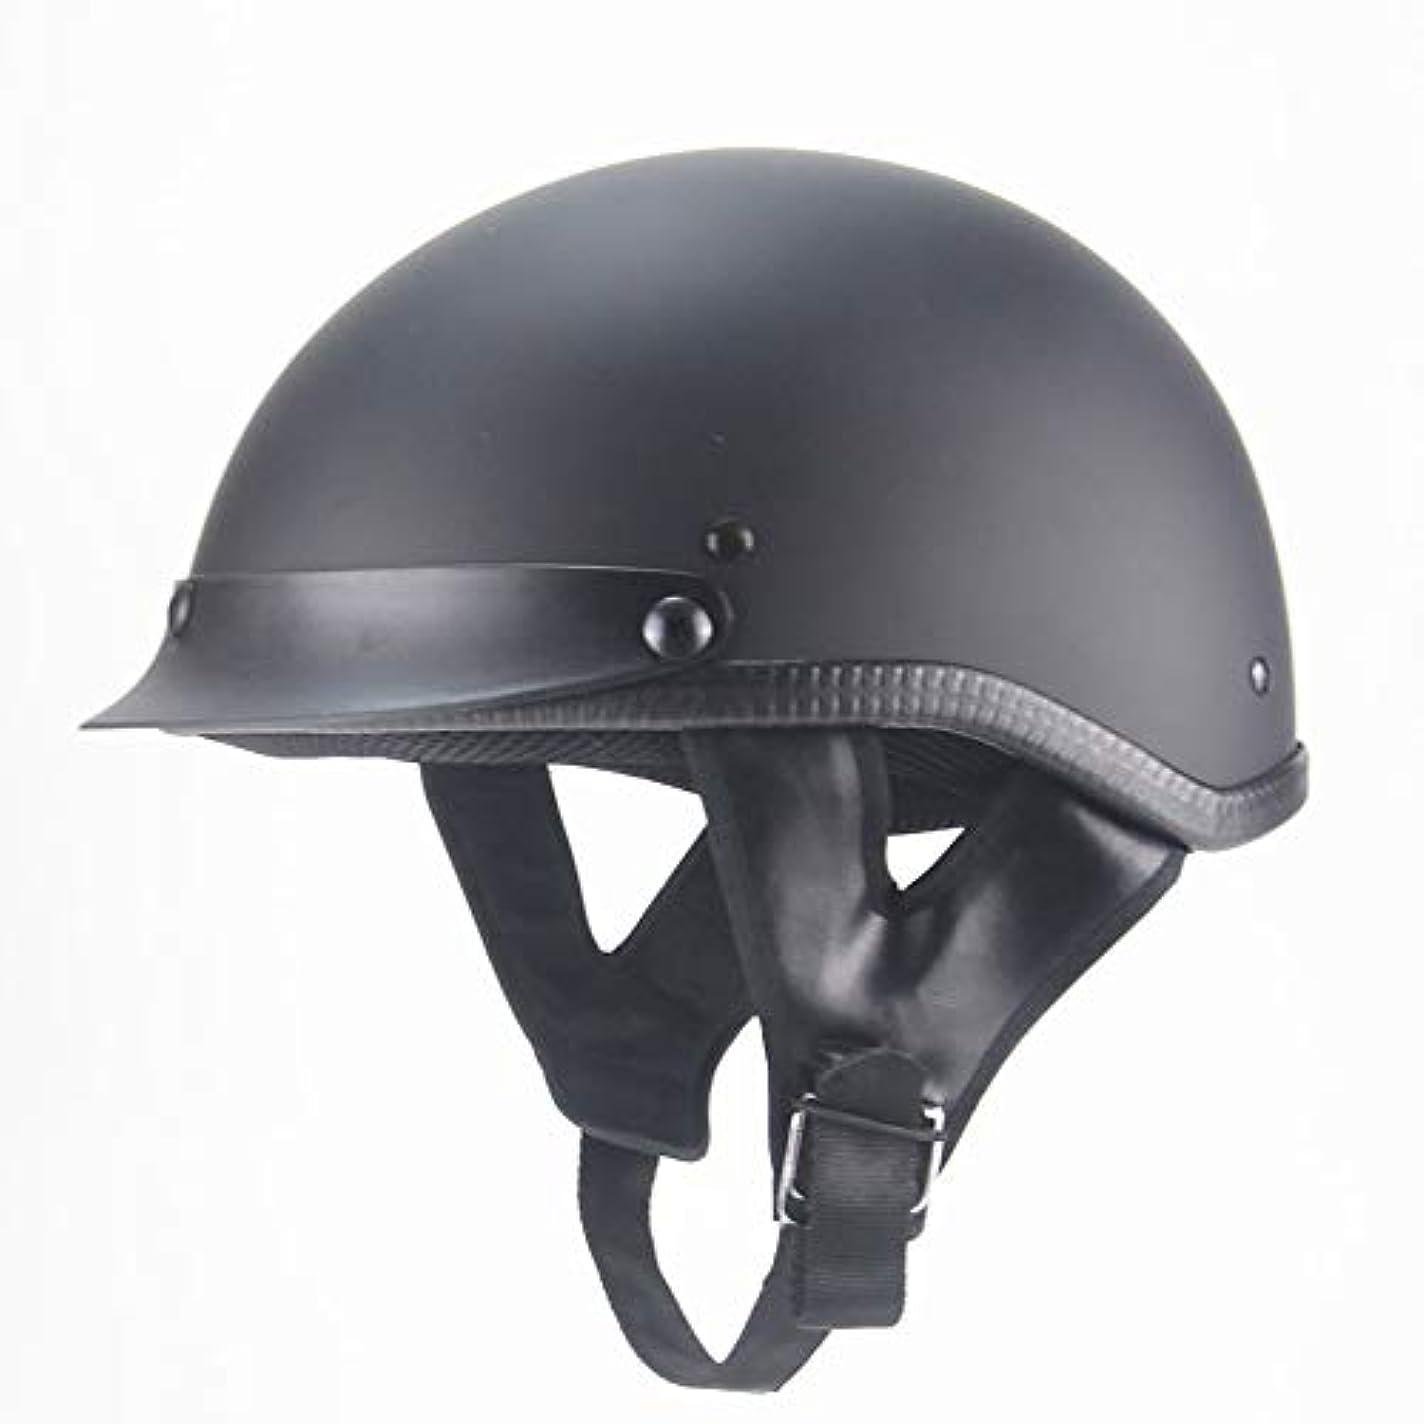 通路ウェイドラグ夏のヘルメット、オートバイパワースポーツヘルメット、屋外大人ハーフフェイスヘルメットモトクロスオフロードダートバイクオートバイ、(M L XL XLL)